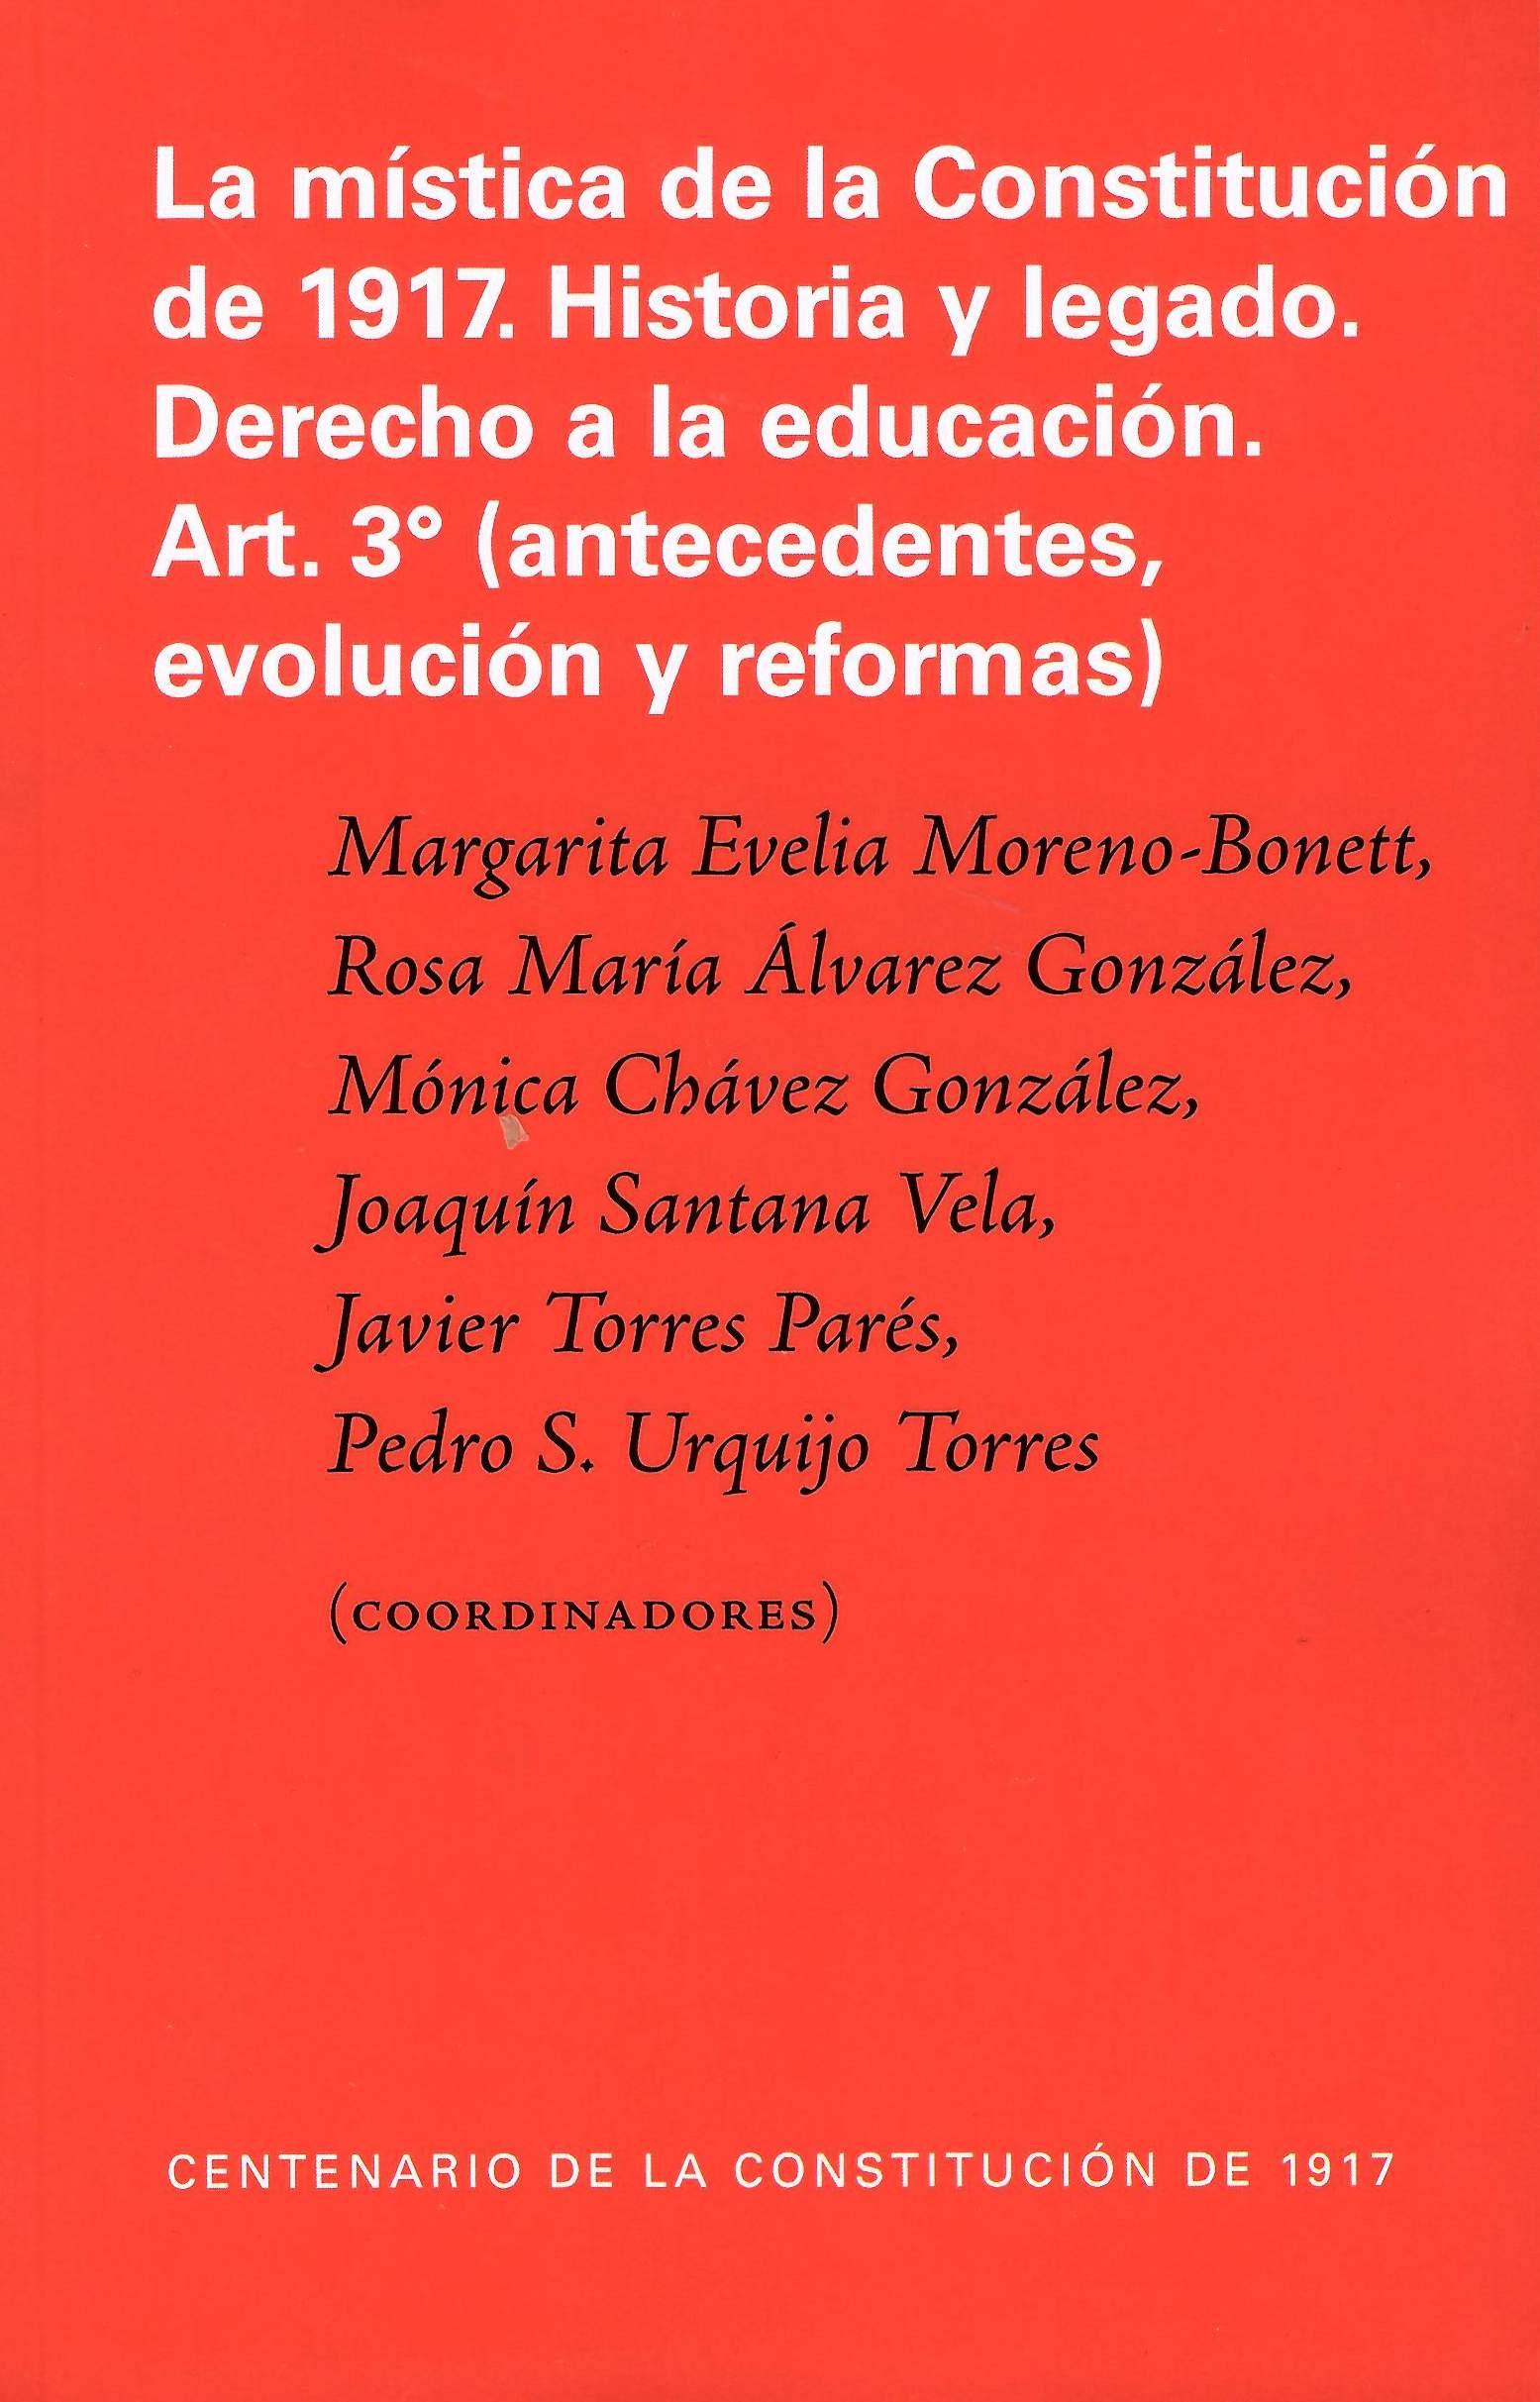 La mística de la Constitución de 1917. Historia y legado. Derecho a la educación. Art. 3°